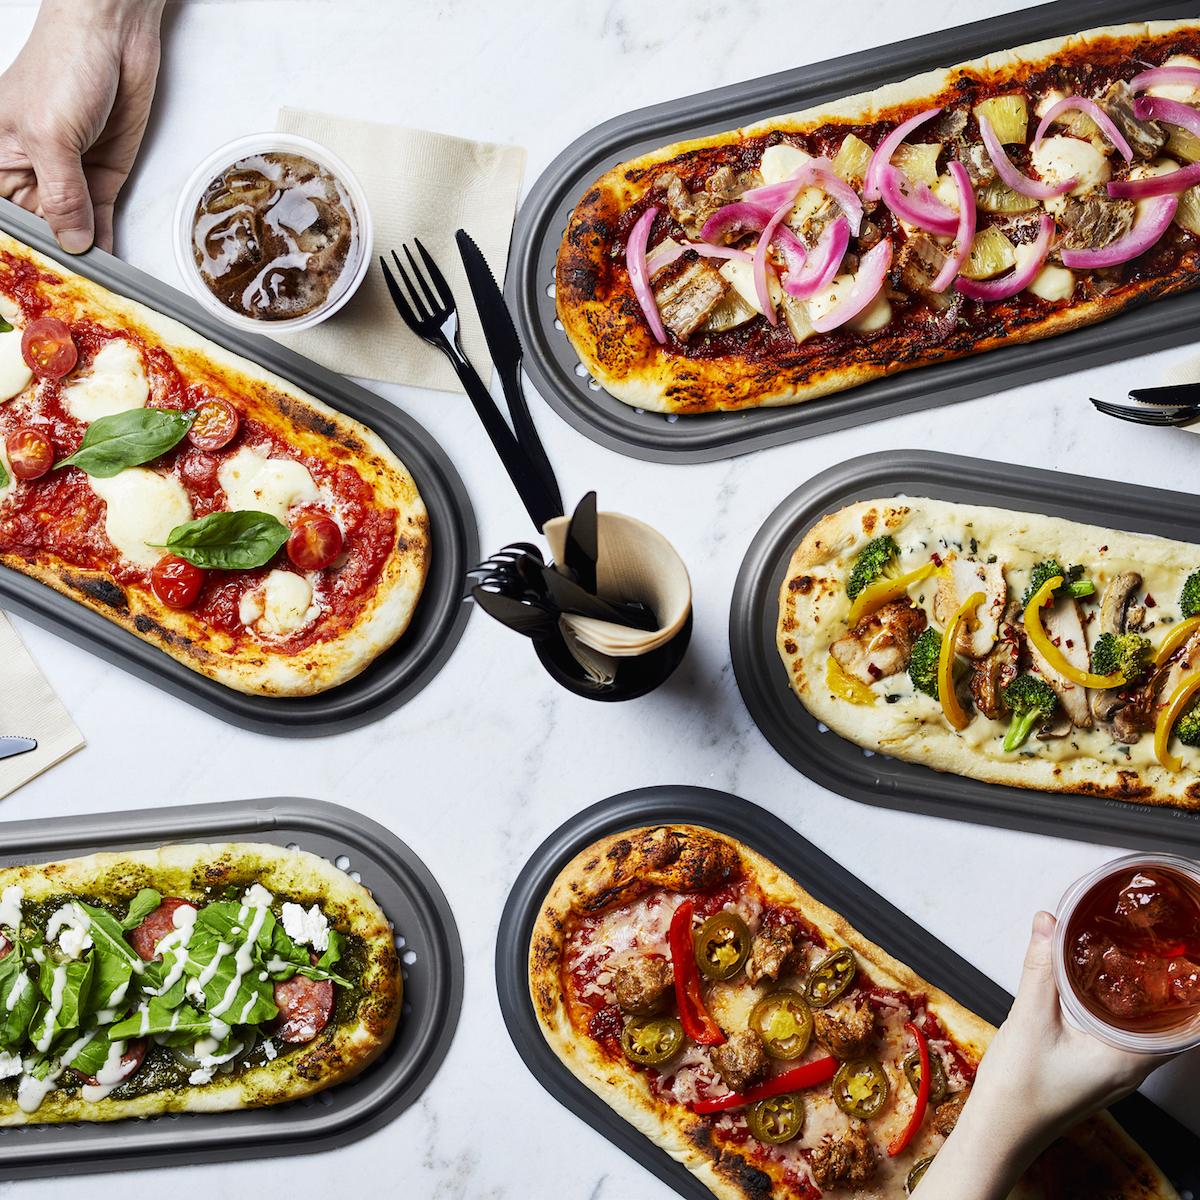 アレンジするのは生地から手作りする本格ピザ。カスタムピザ専門店が六本木で開店